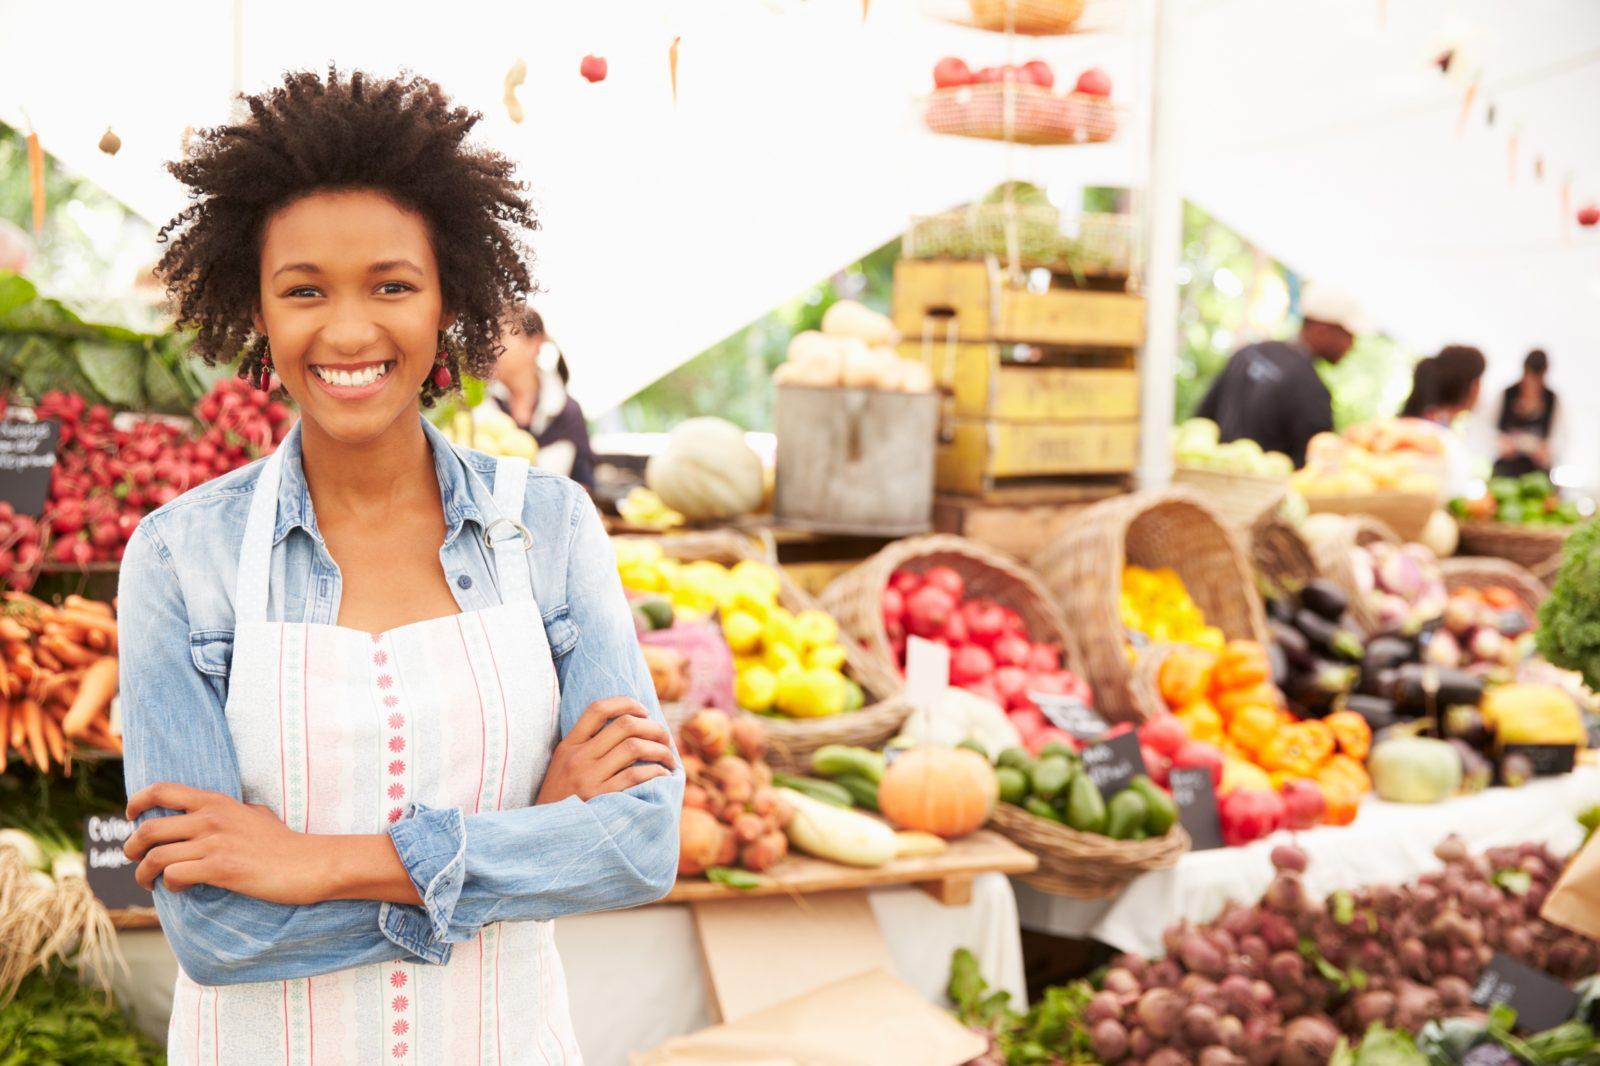 Día Mundial de la Alimentación: Salud, Agricultura y Medio Ambiente